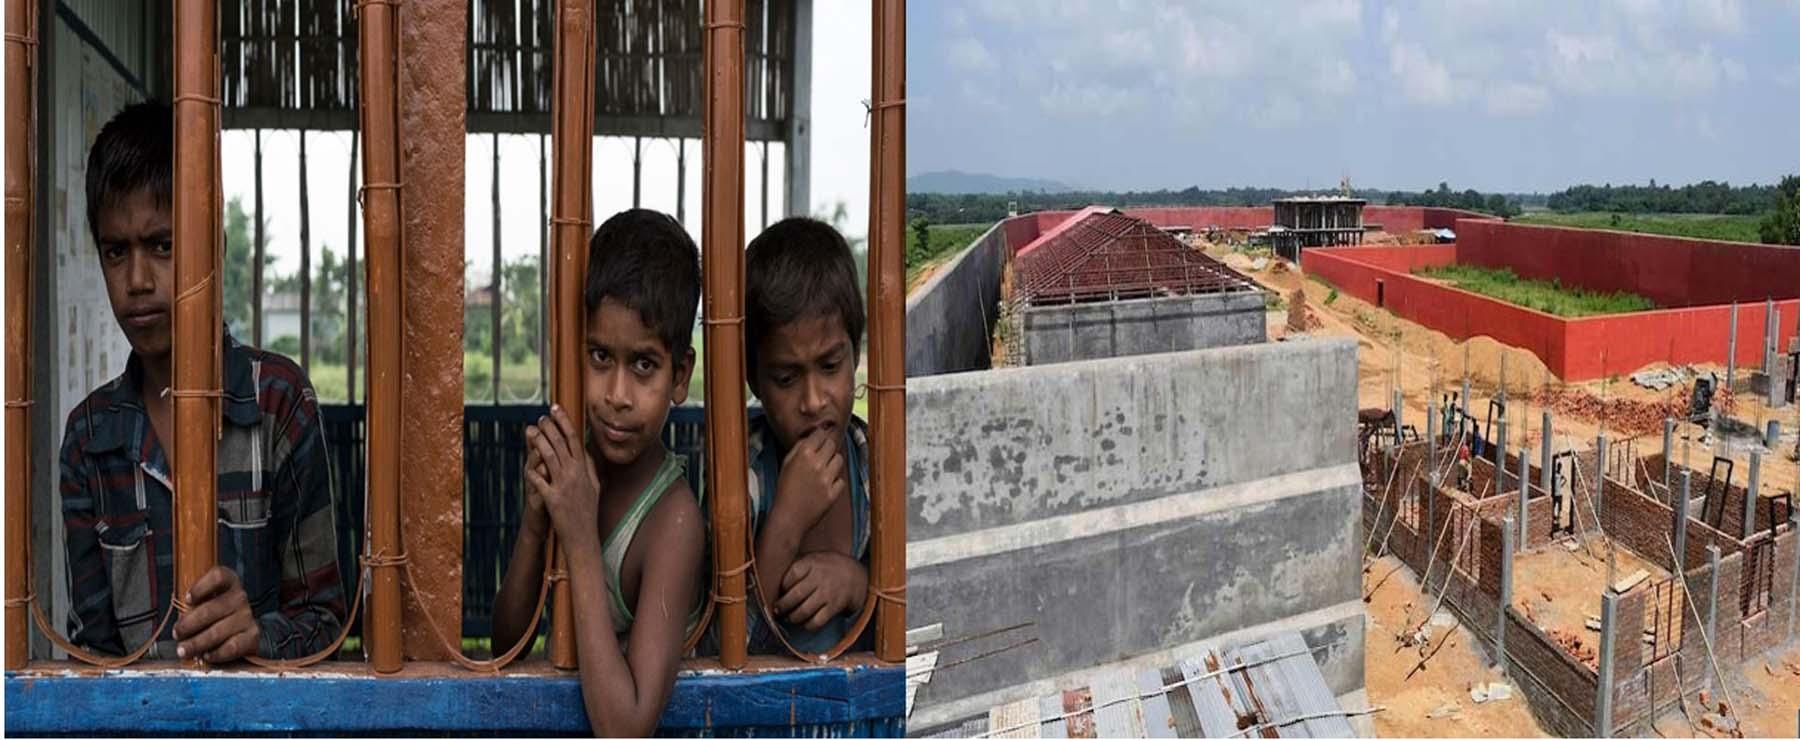 असम NRC : 60 बच्चों को डिटेंशन सेंटर भेजने पर सुप्रीम कोर्ट की रोक।